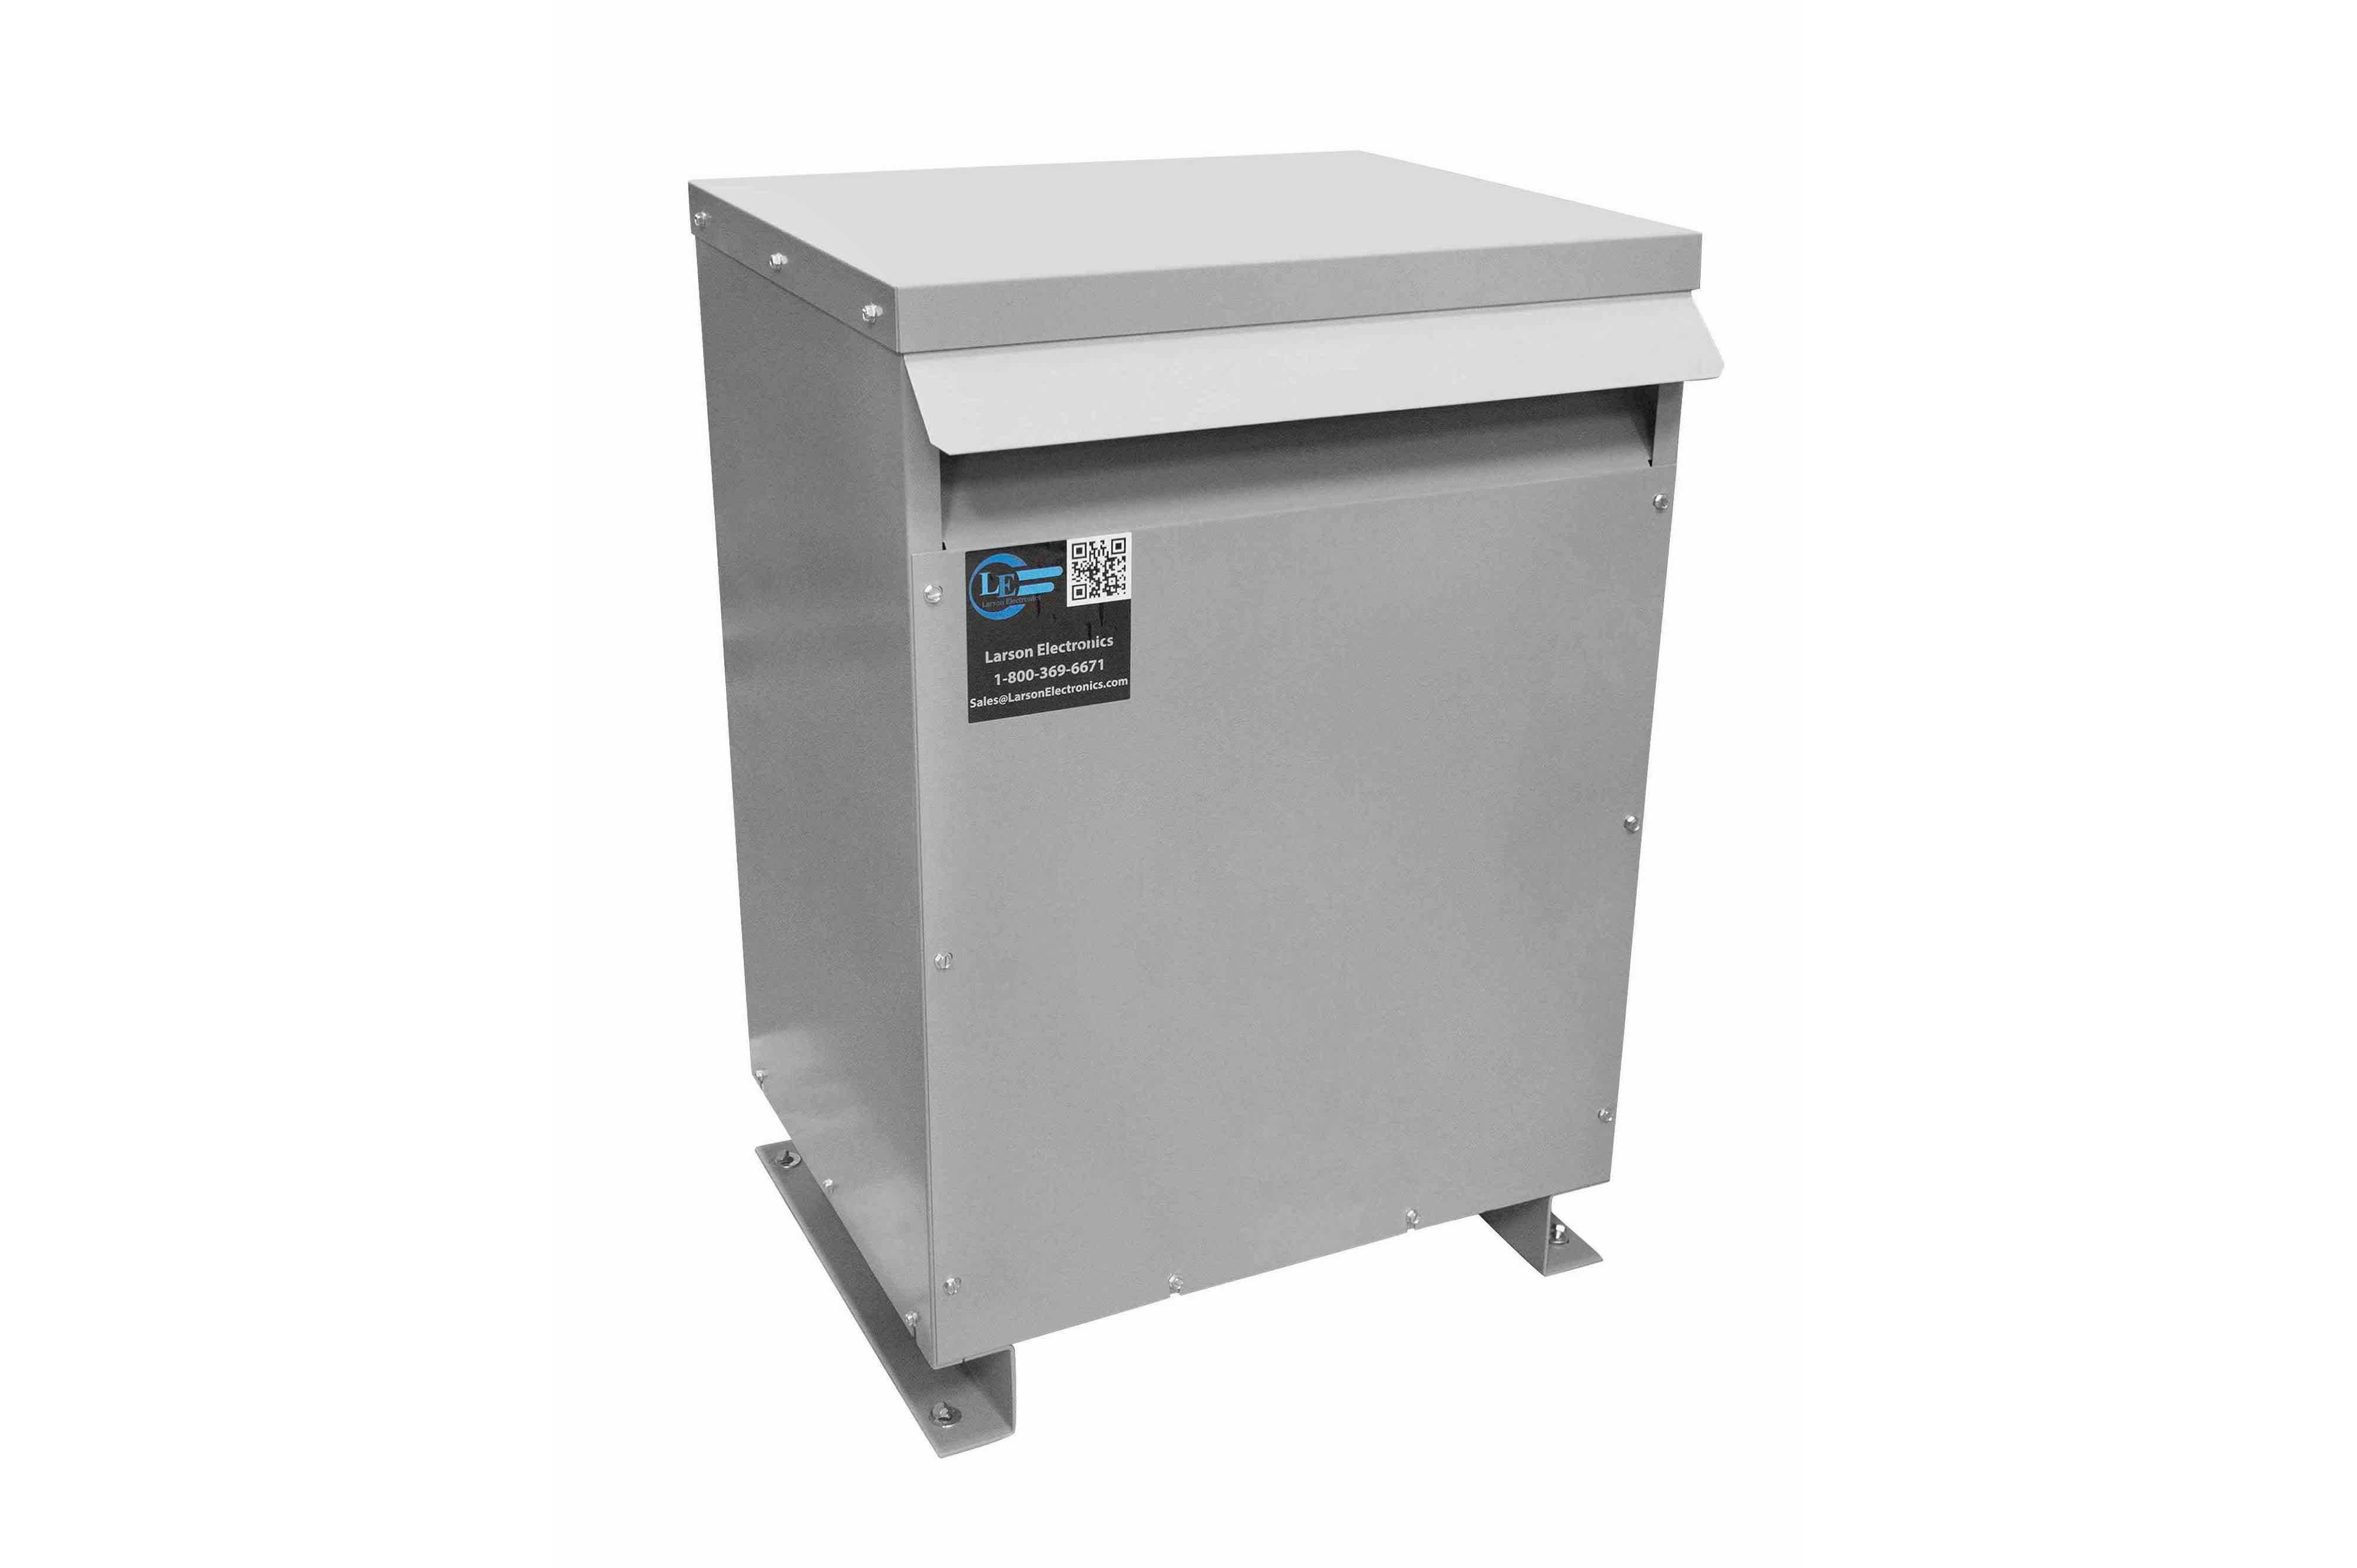 37.5 kVA 3PH Isolation Transformer, 460V Delta Primary, 380V Delta Secondary, N3R, Ventilated, 60 Hz